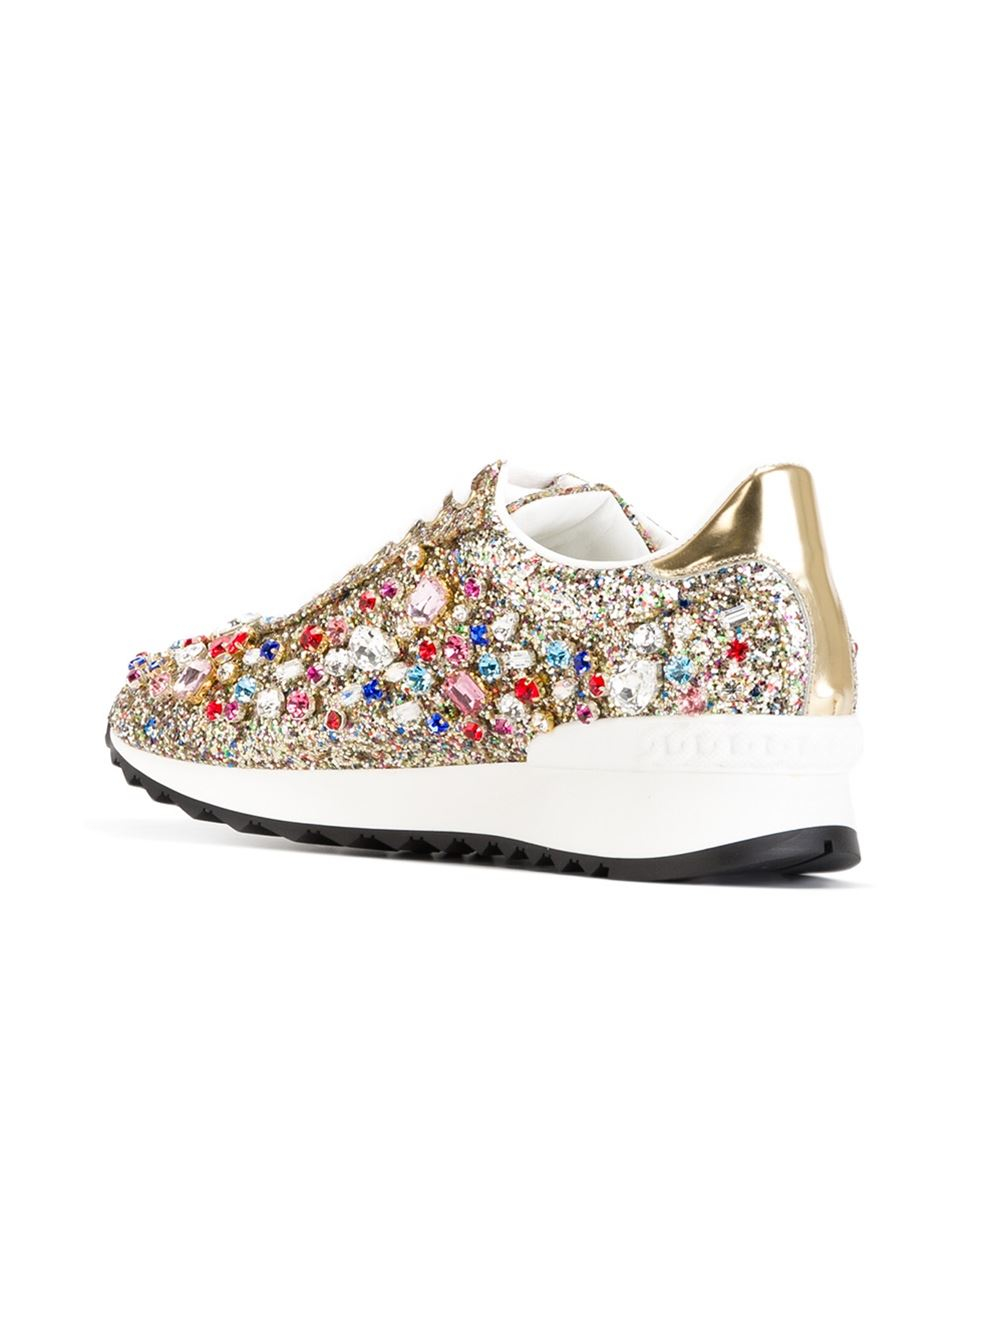 ribbon laced sneakers - Metallic Casadei YJqAwW3